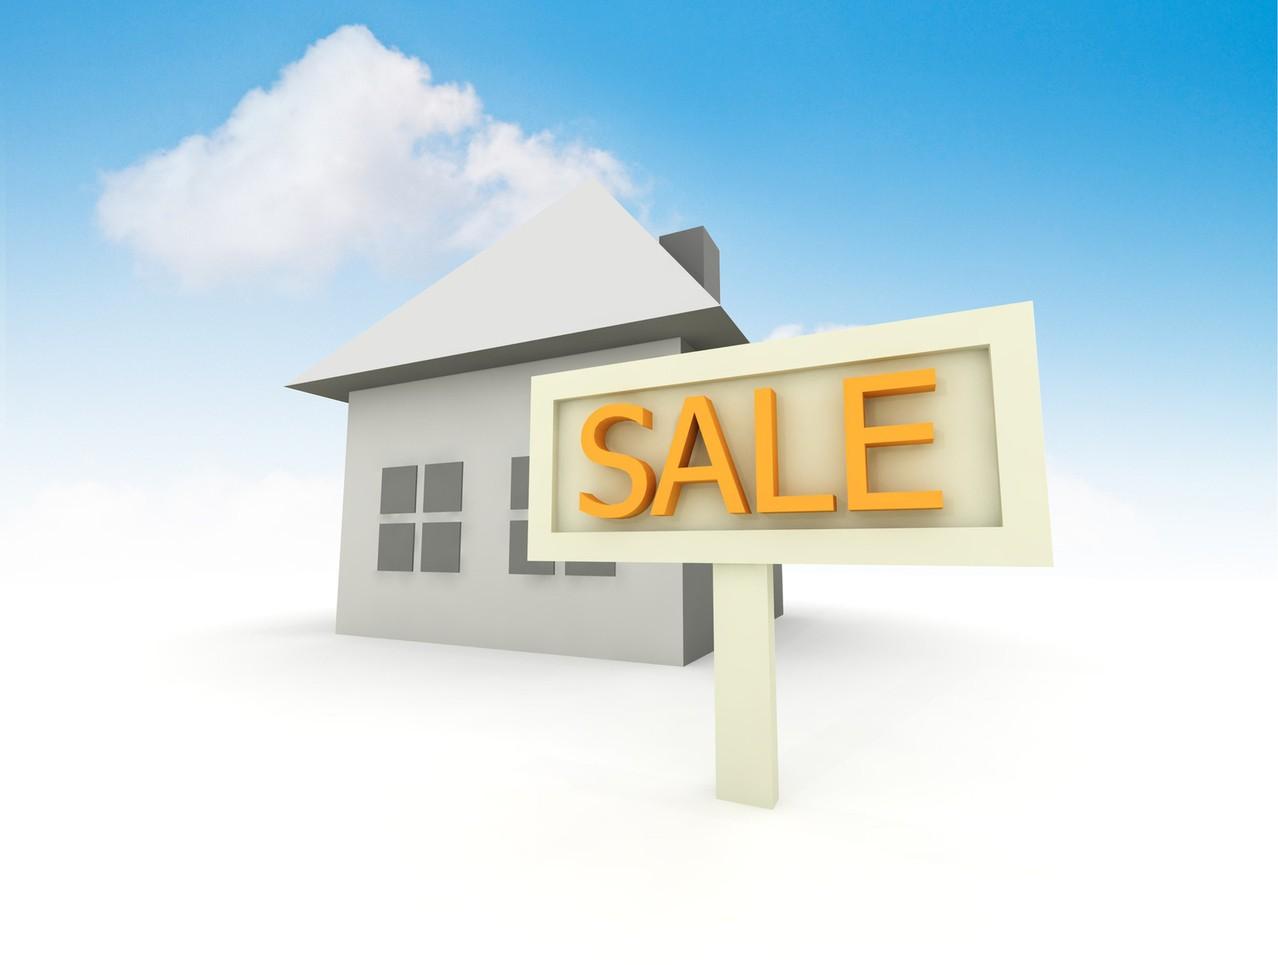 Kupić dom, czy mieszkanie?